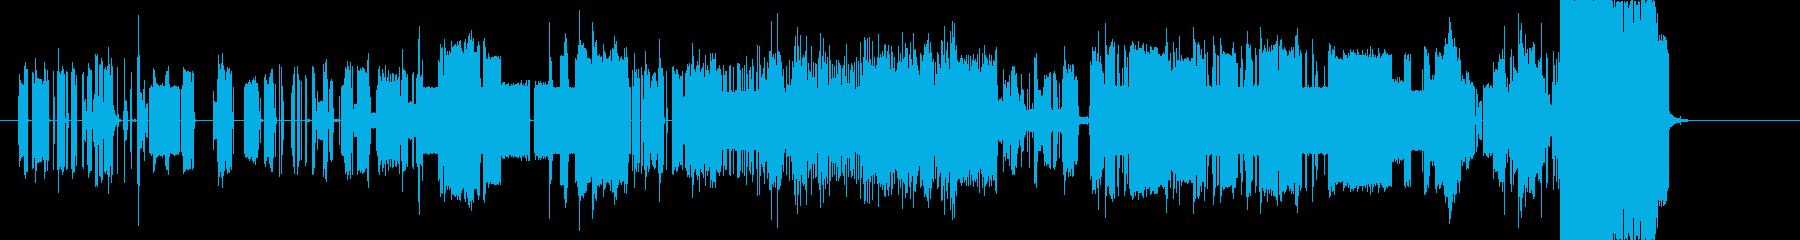 通信障害をイメージしたSEの再生済みの波形